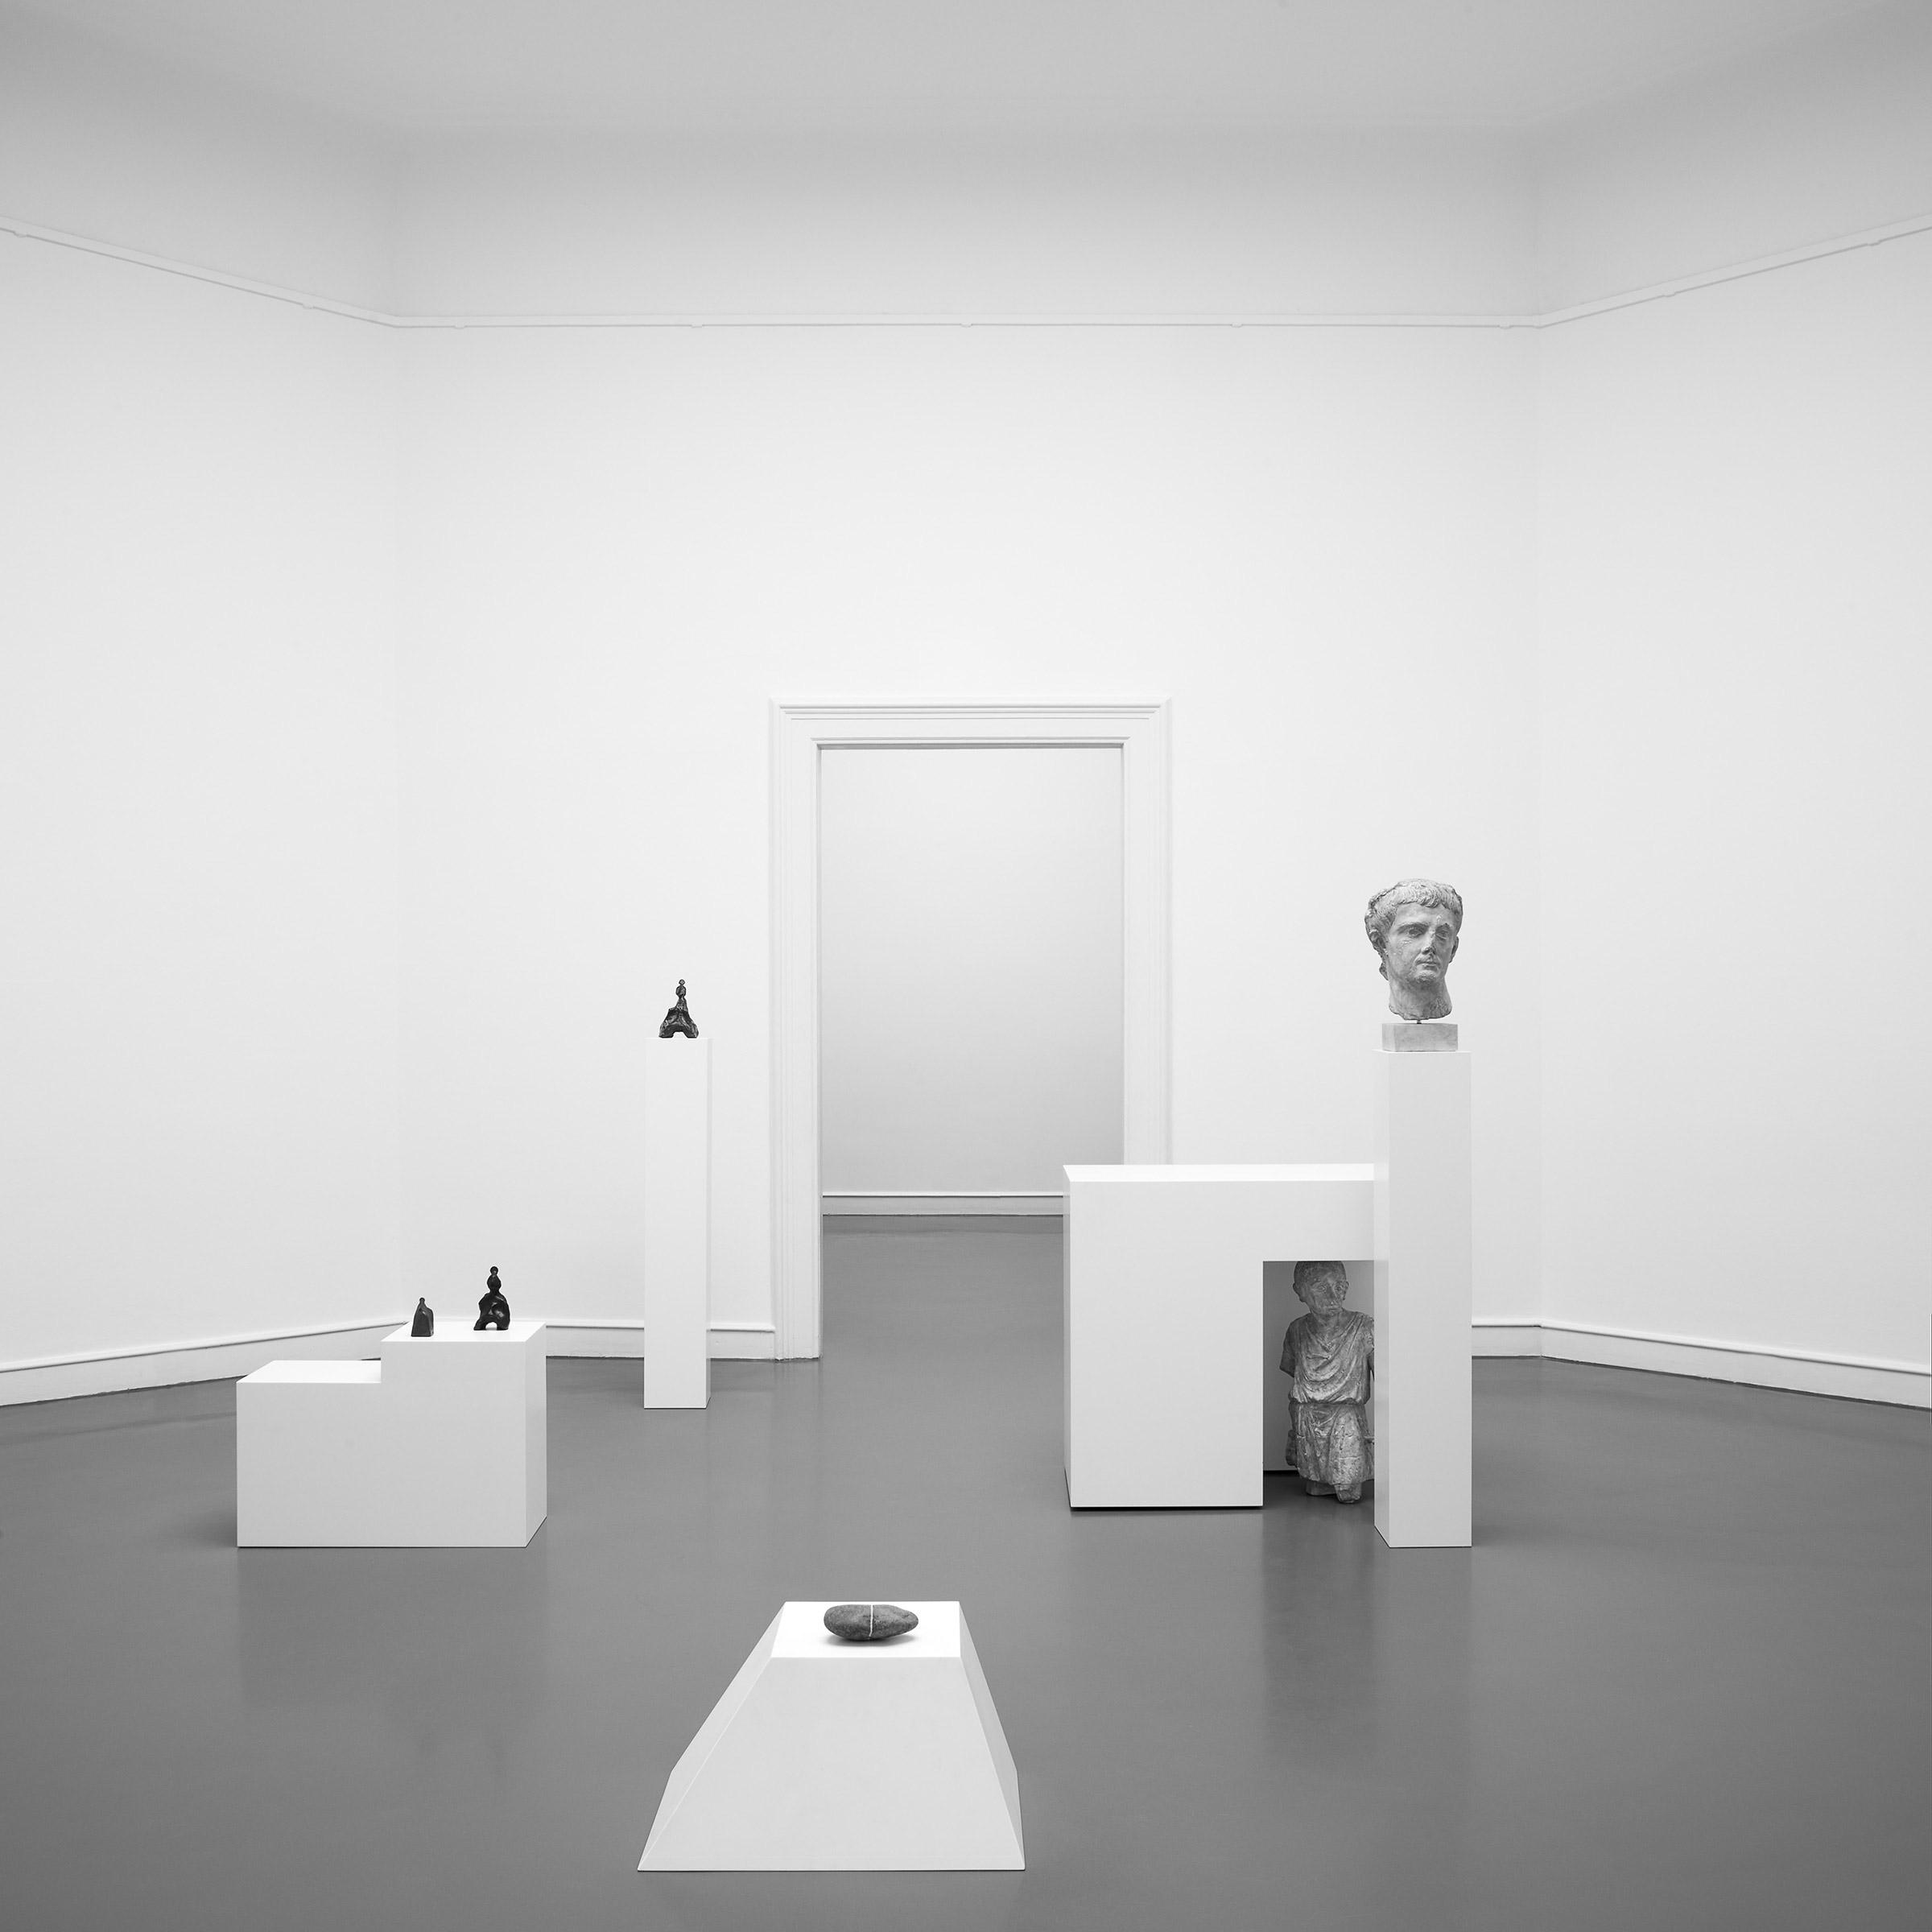 Interieurfotografie und Ausstellungsansichten aus Berlin installation